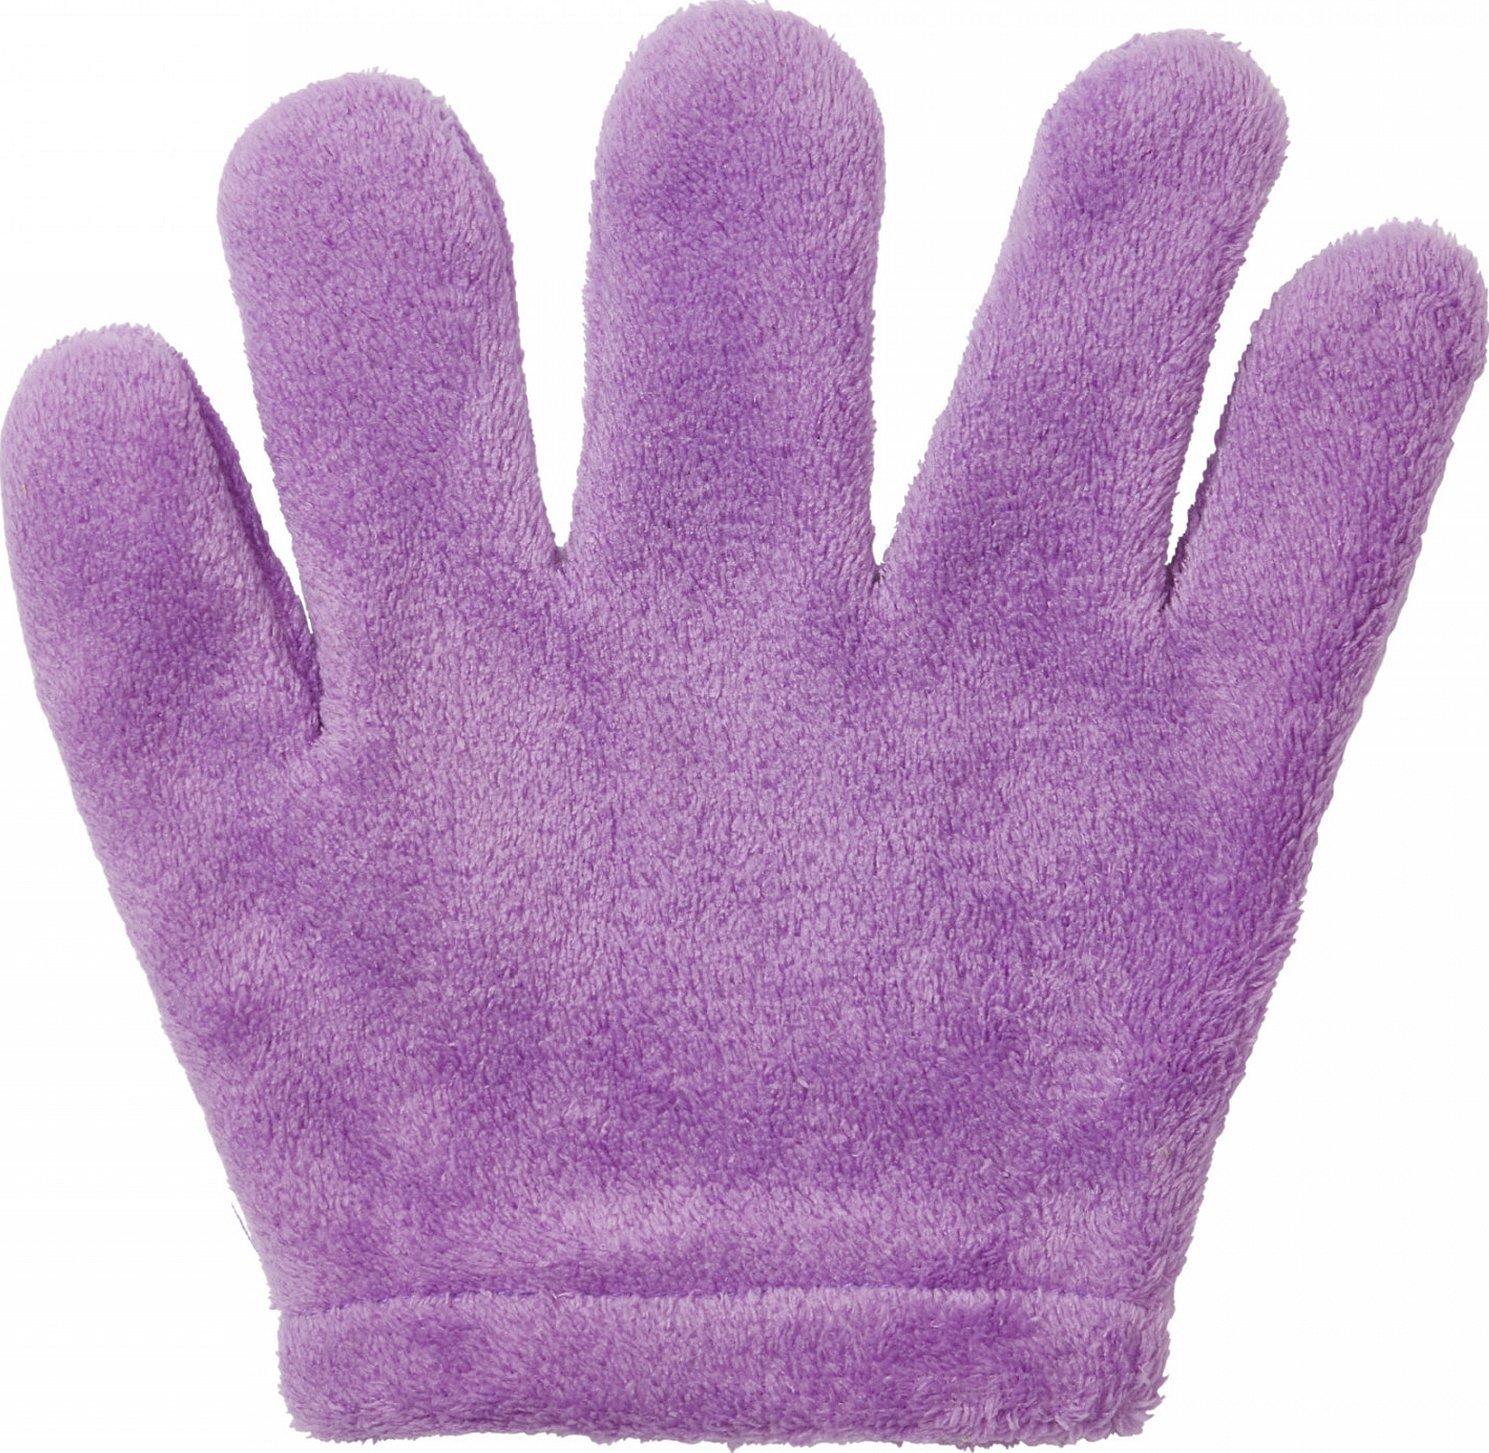 Перчатки из микрофибры для уборки